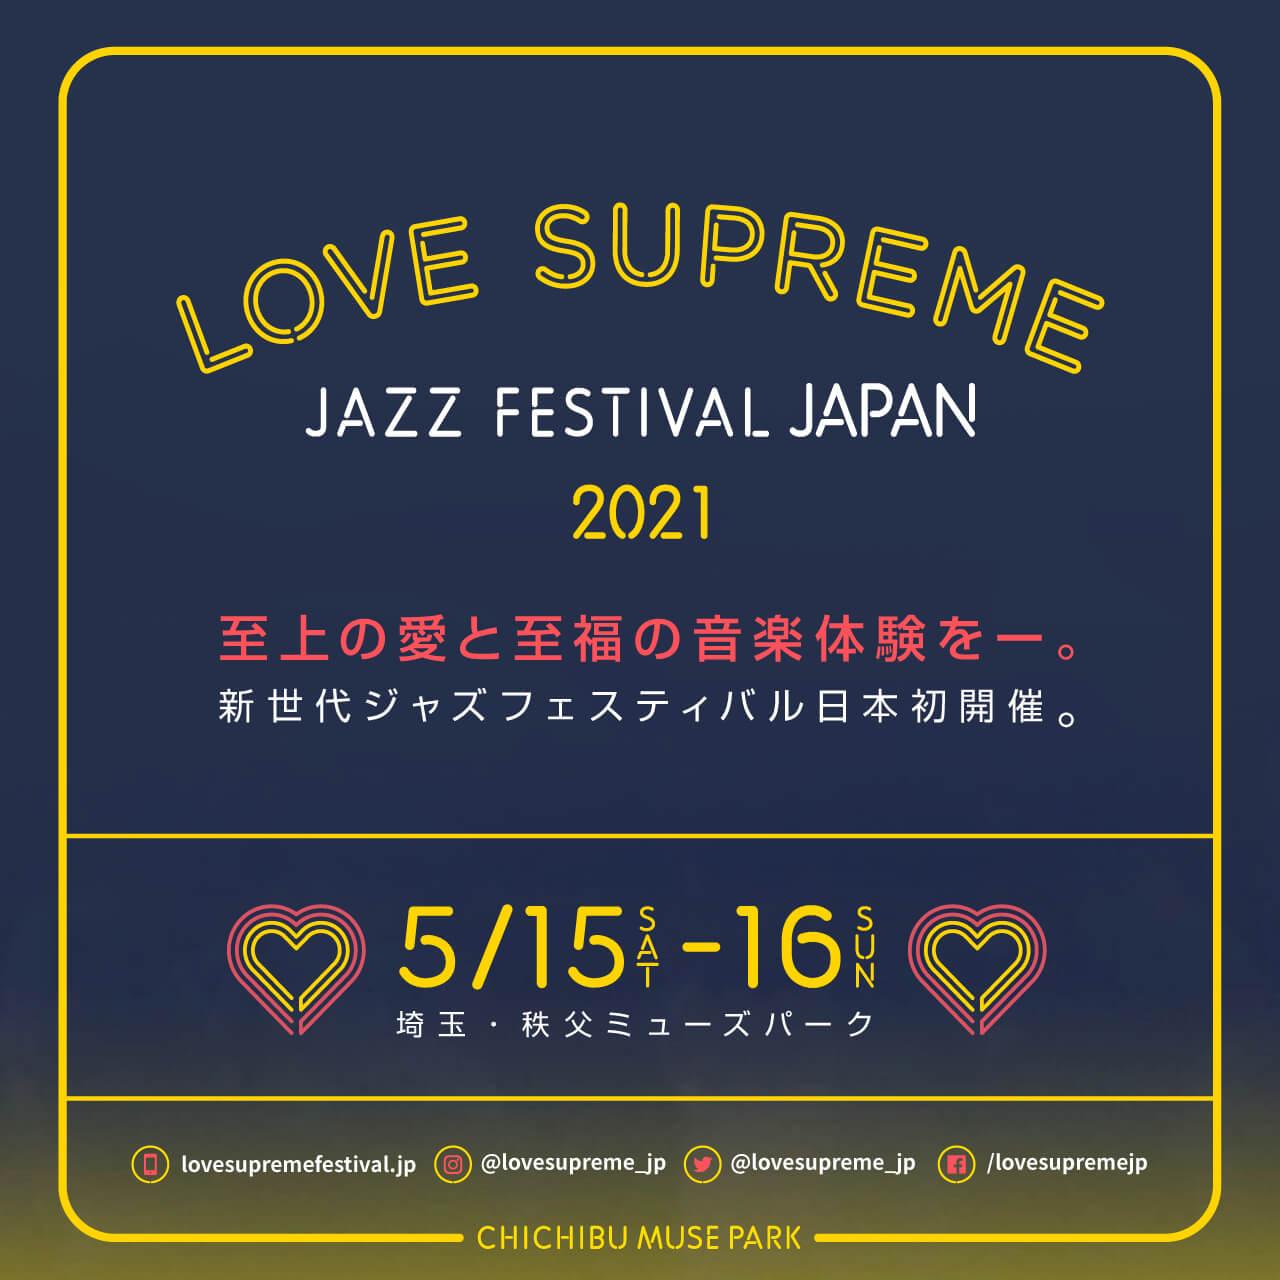 LOVE SUPREME JAZZ FESTIVAL JAPAN 2021